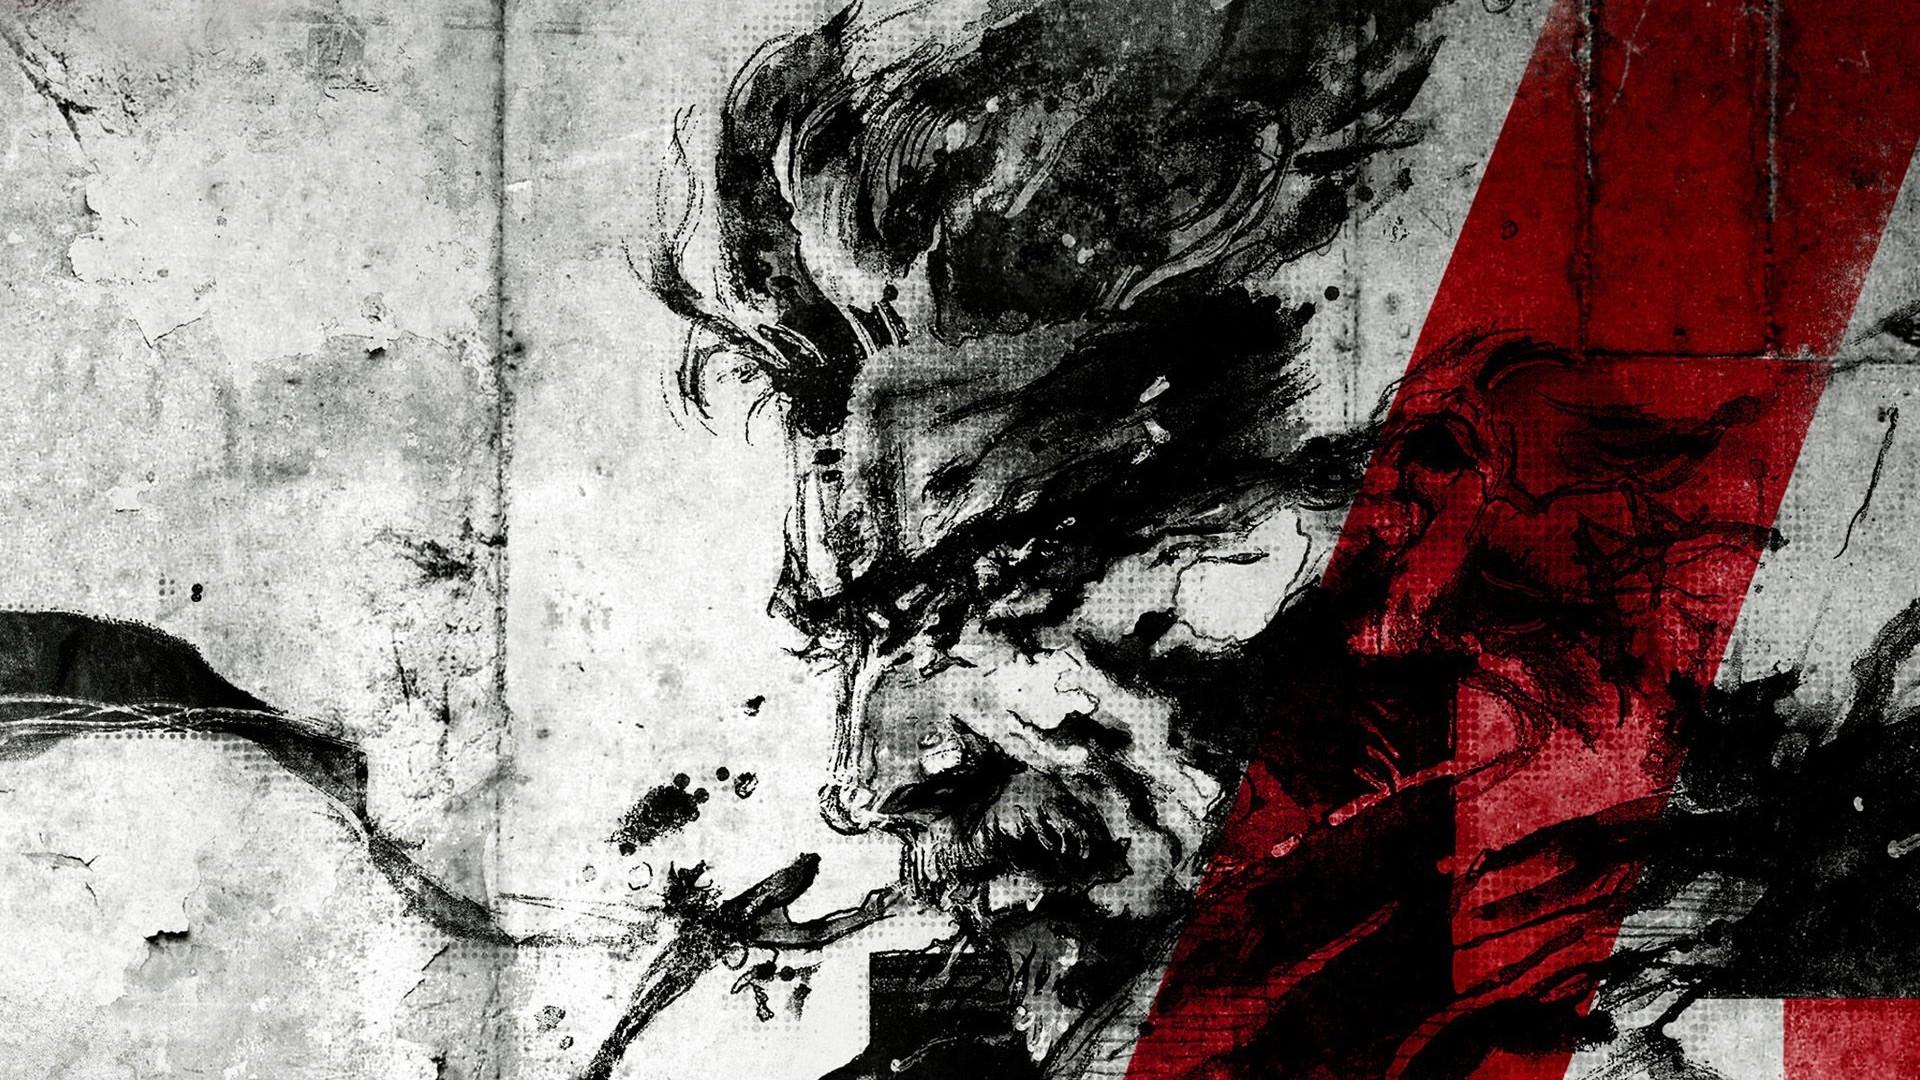 Metal Gear Solid Desktop Wallpapers Group (86+)